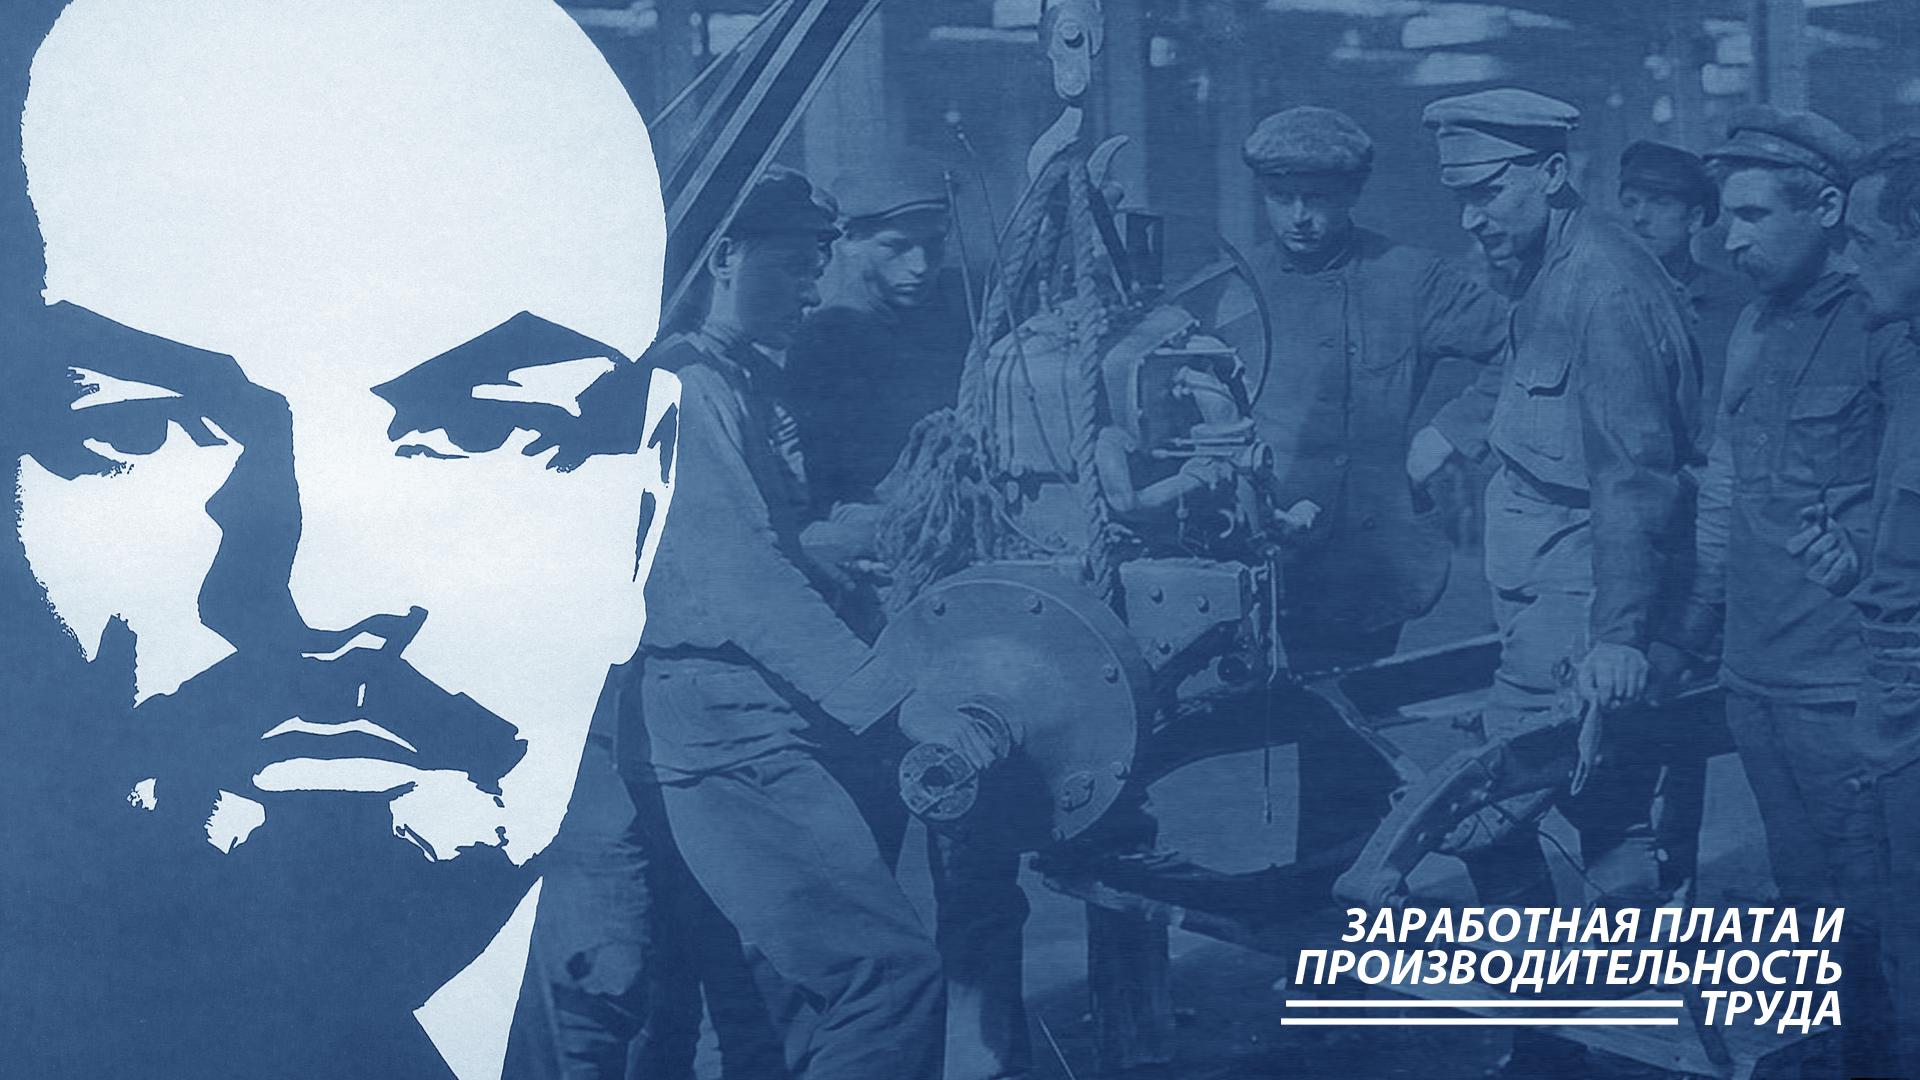 Заработная плата и производительность труда [Большевик 1924]